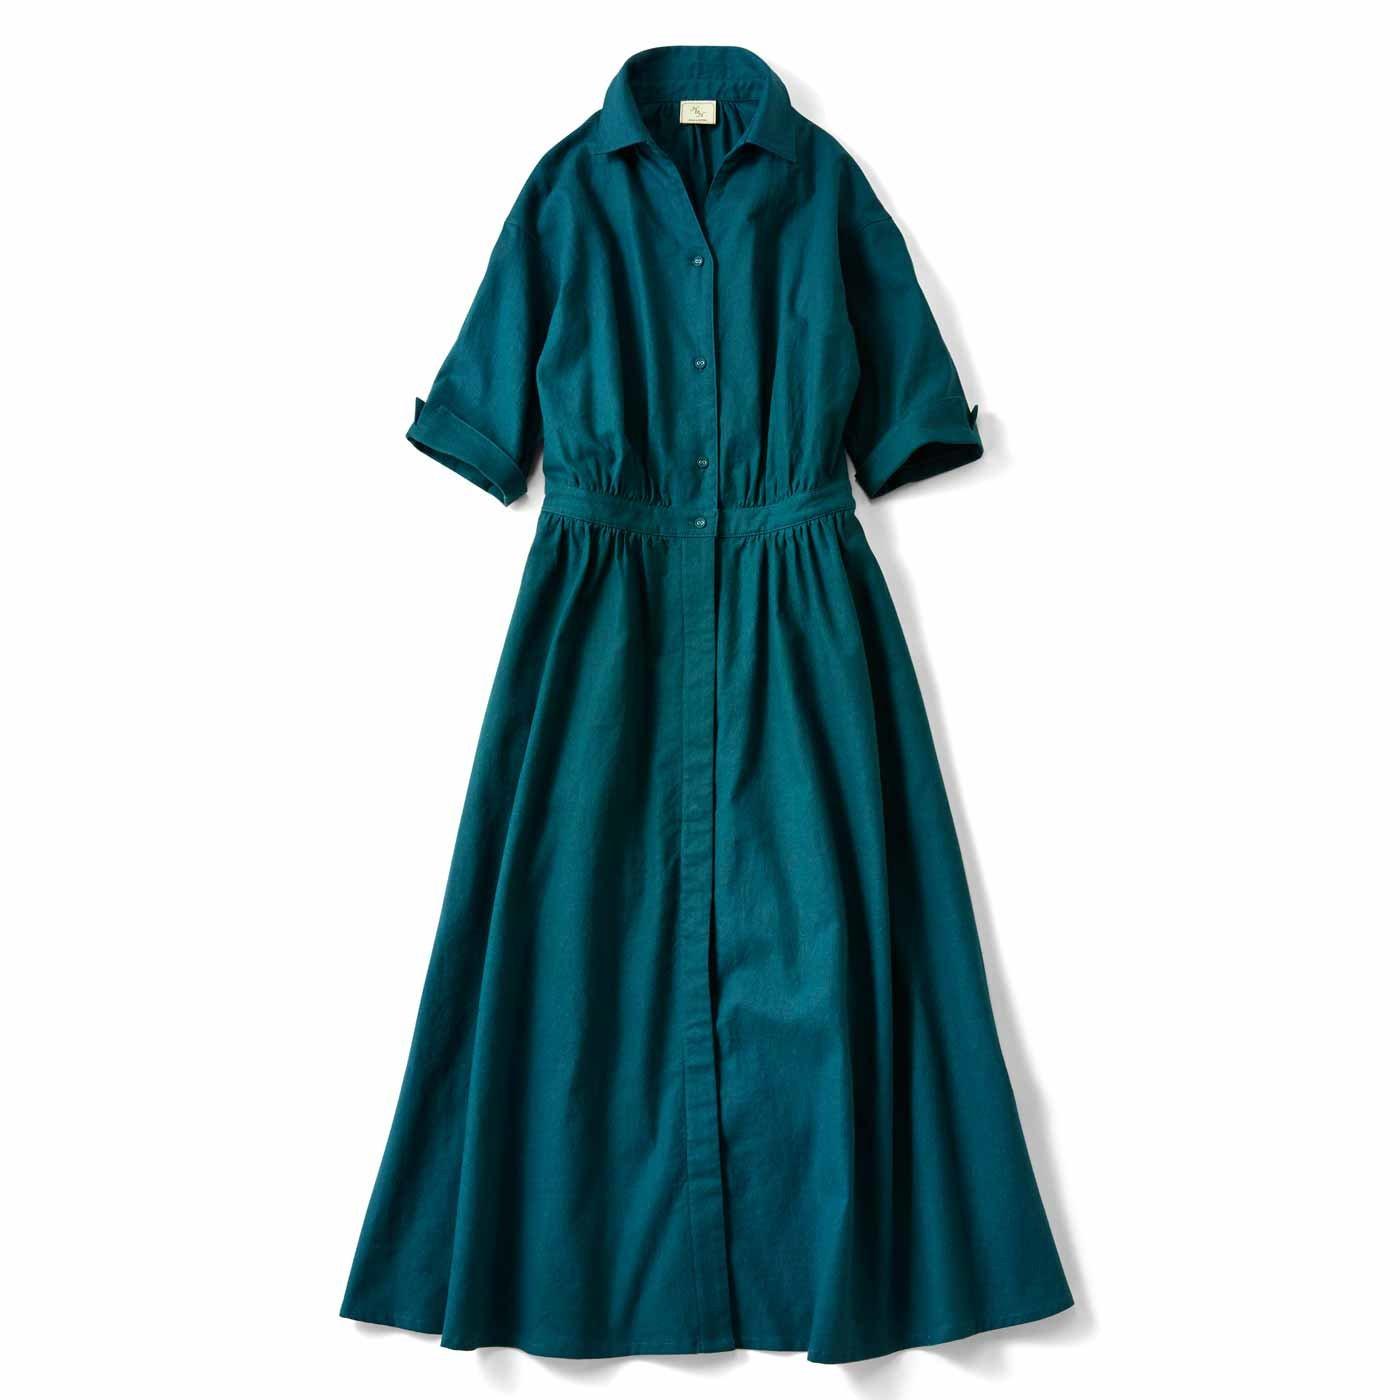 IEDIT[イディット] コットンリネンのオープンカラーシャツワンピース〈ブルーグリーン〉